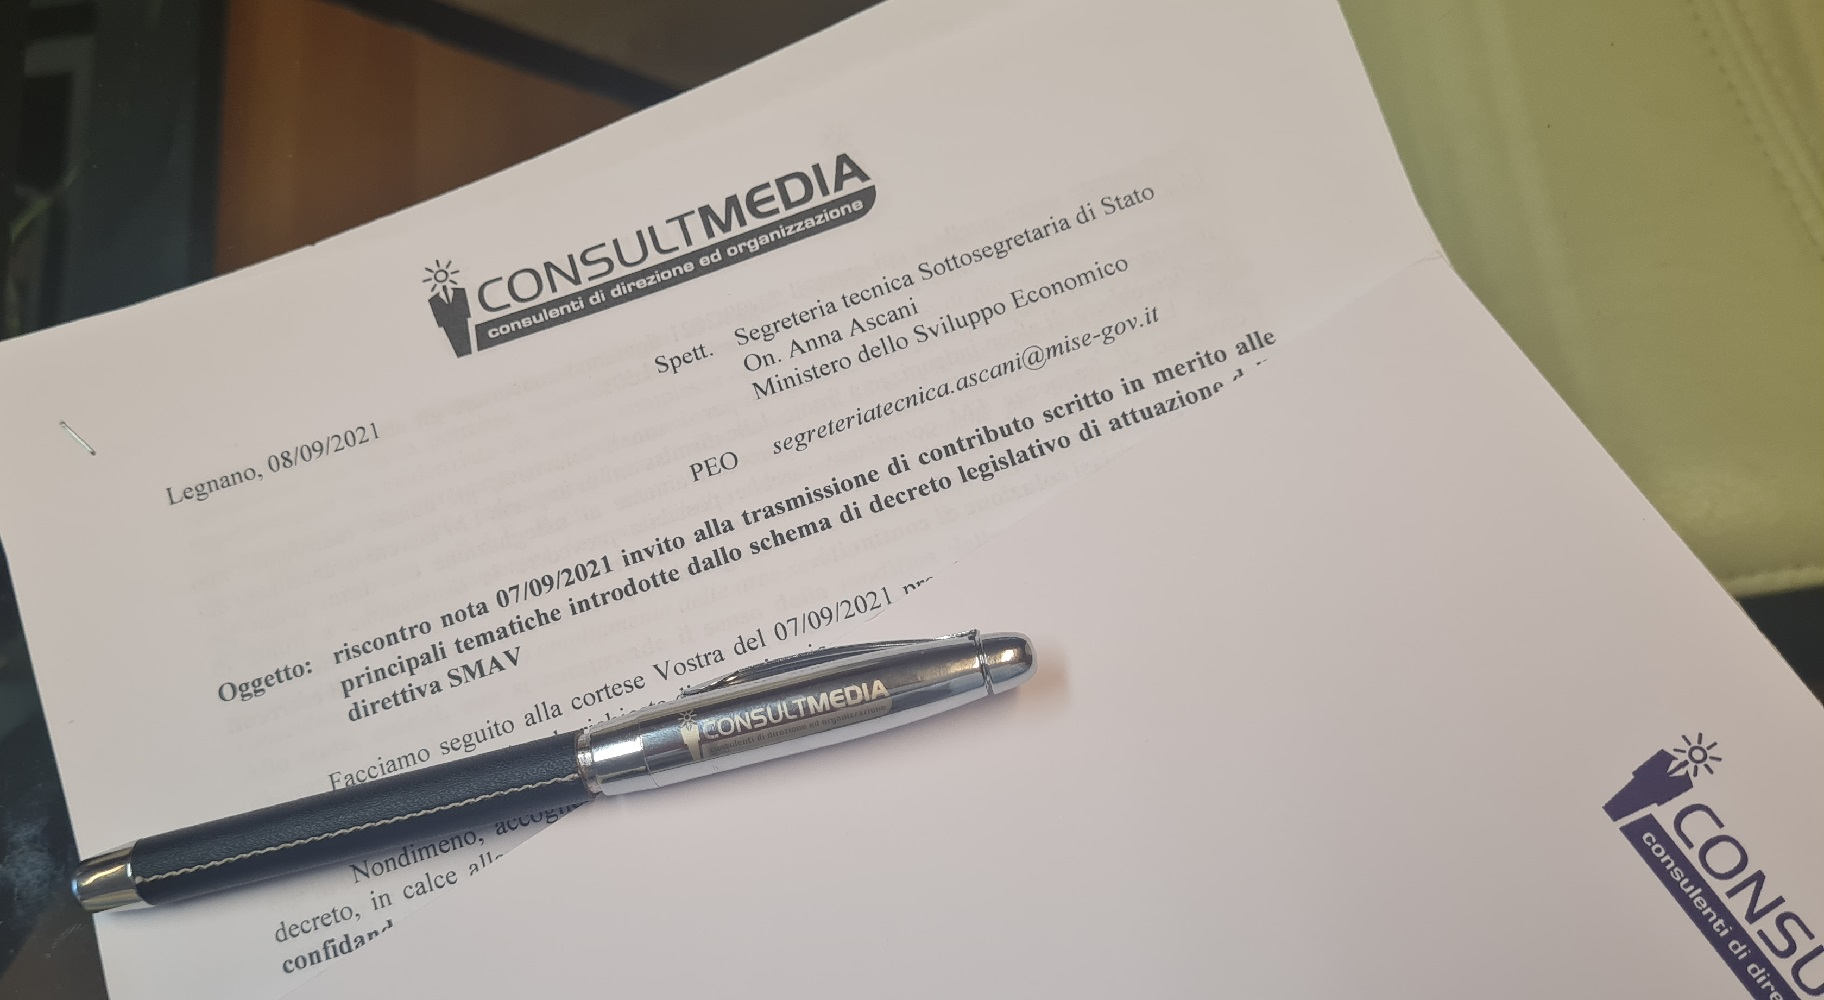 Consultmedia documento Mise sul futuro della radiofonia - Radio. Tra 3 giorni si conclude esame parlamentare schema decreto legislativo che riformerà TUSMAR. Tra novelle, affitto frequenze radio